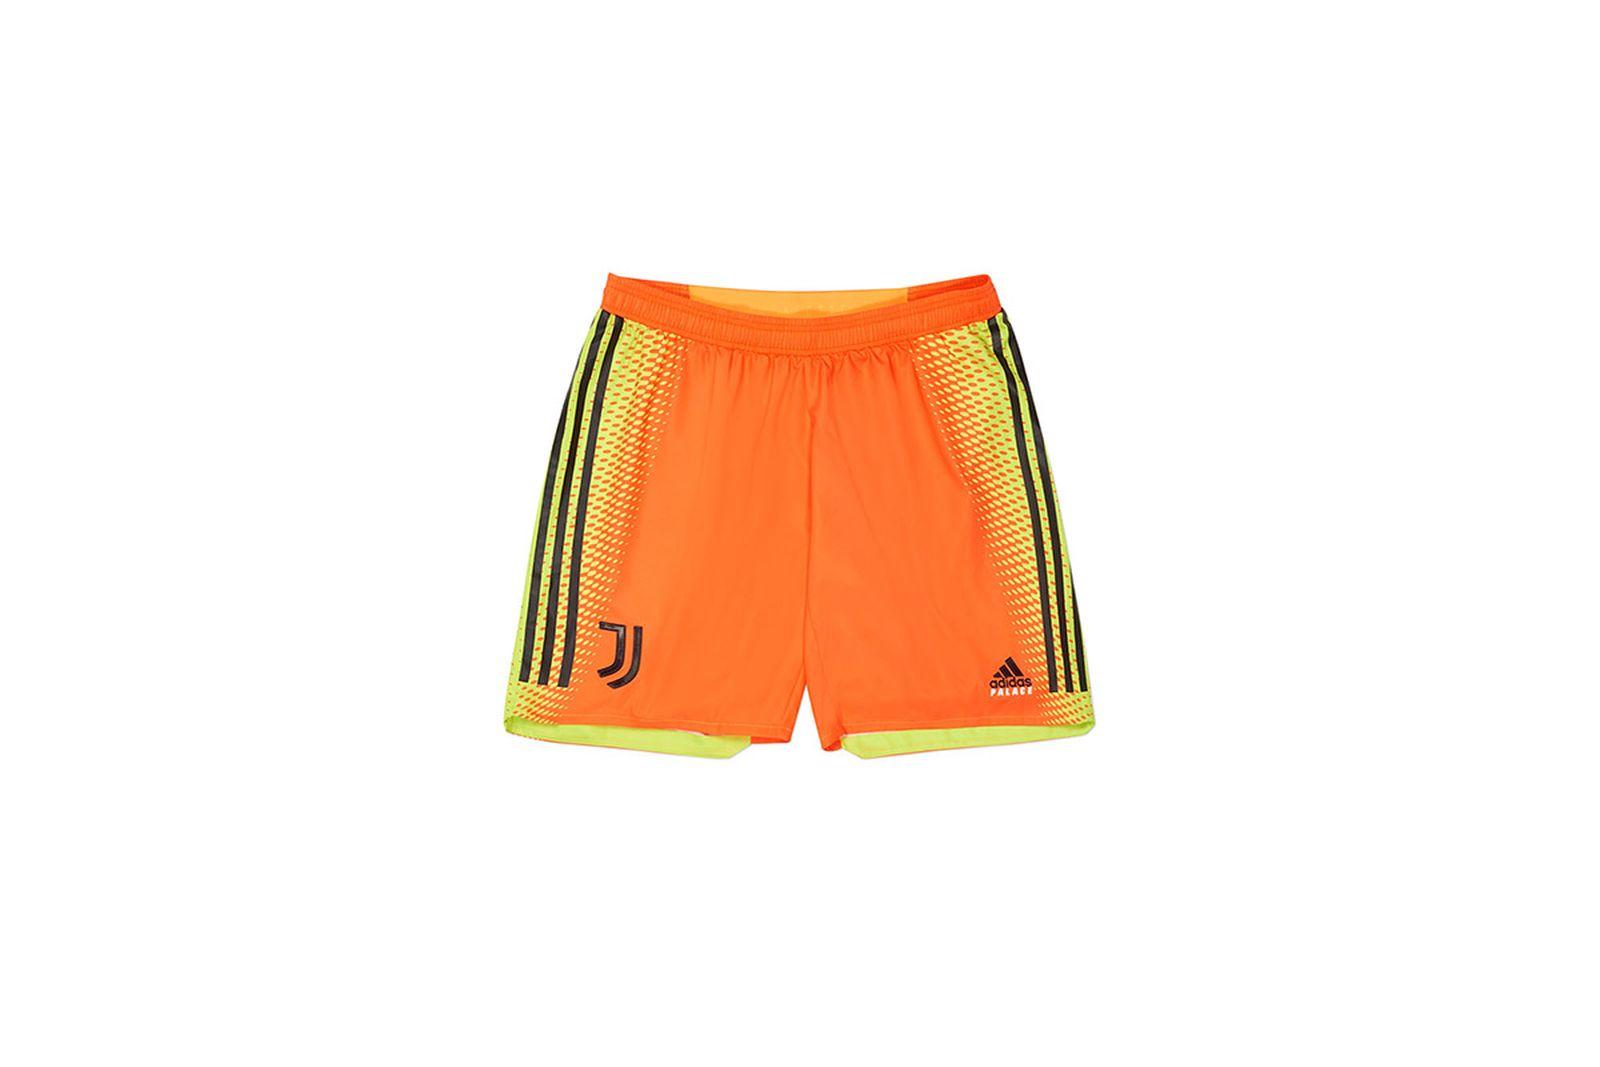 Palace-2019-Adidas-Juventus-Short-Training-pink--19611